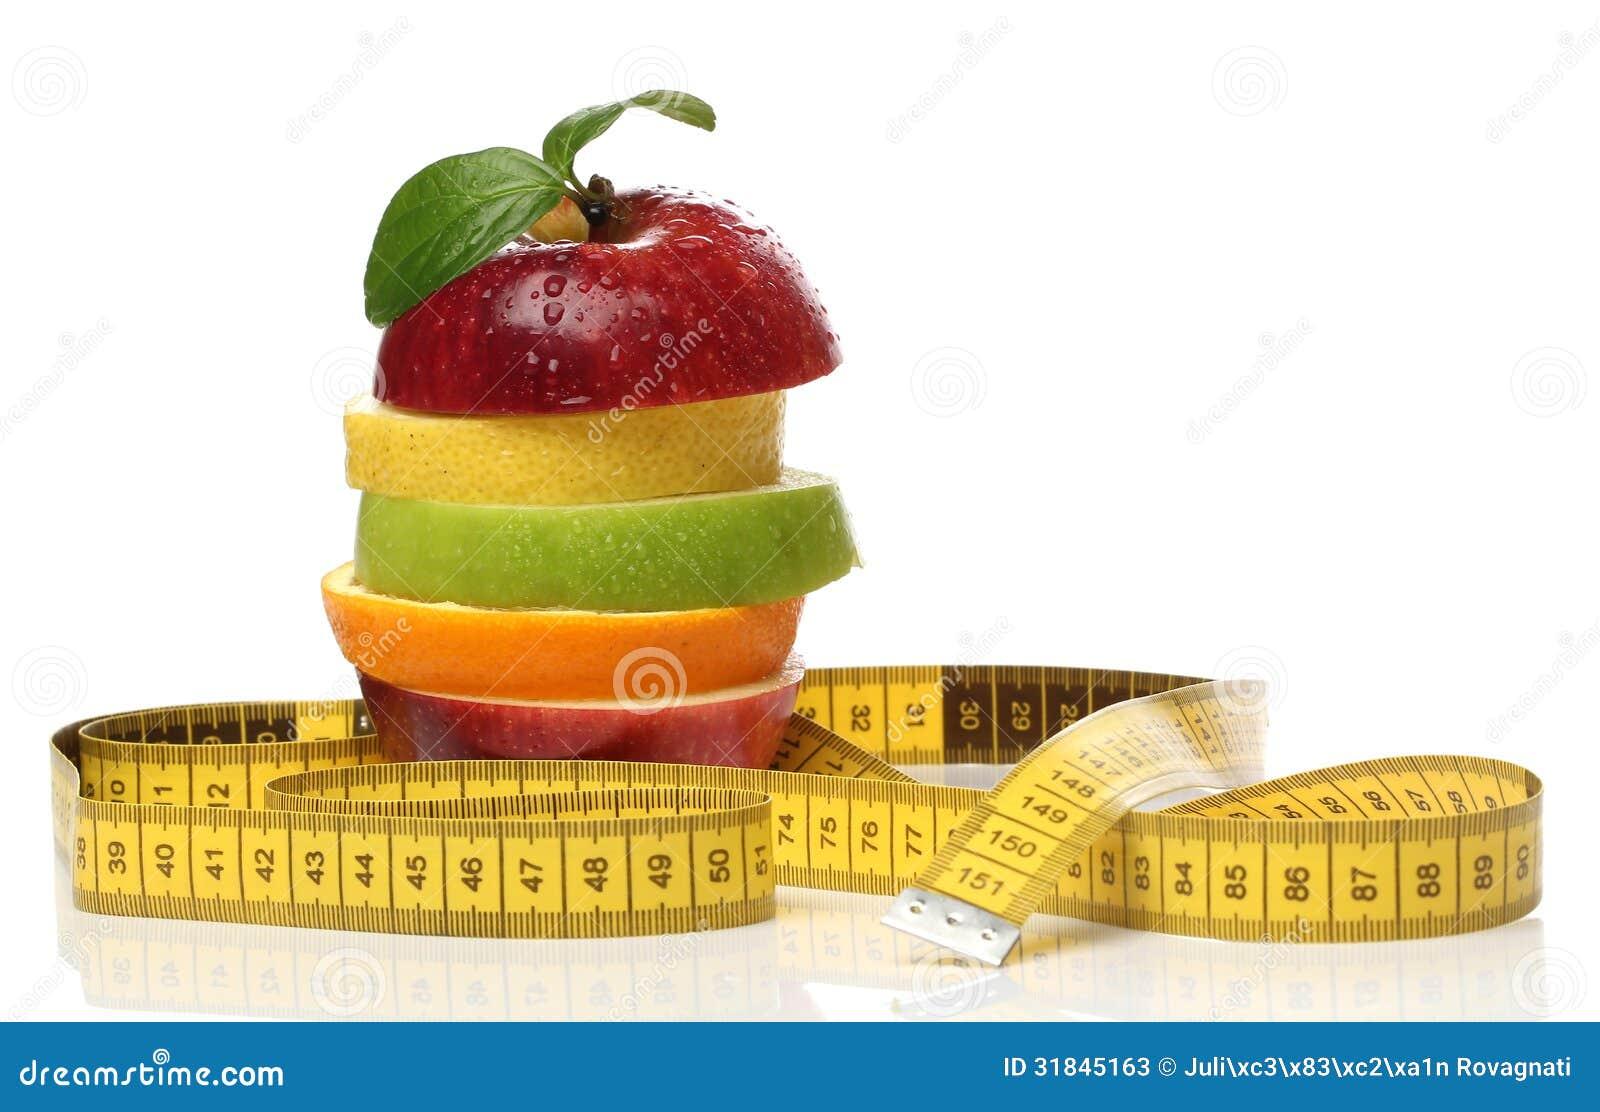 Pile colorée des fruits frais